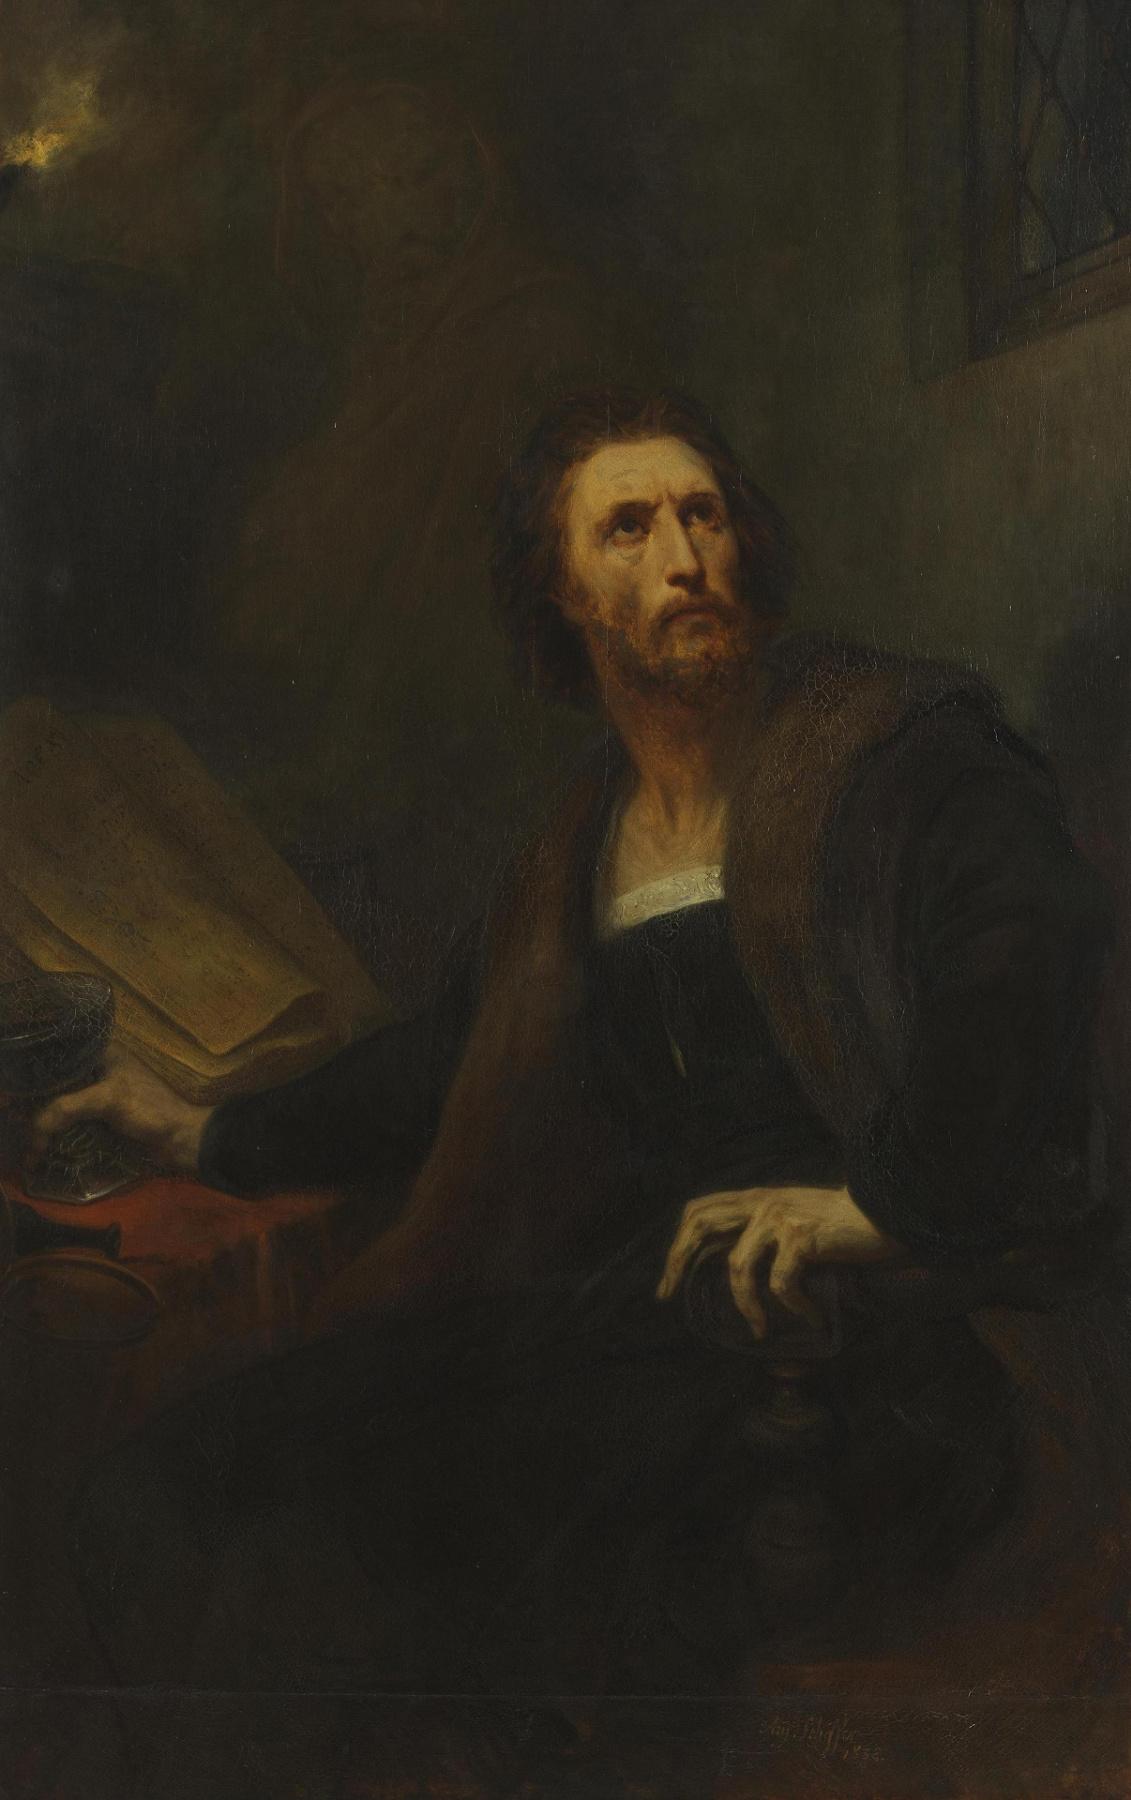 Ари Шеффер. Faust